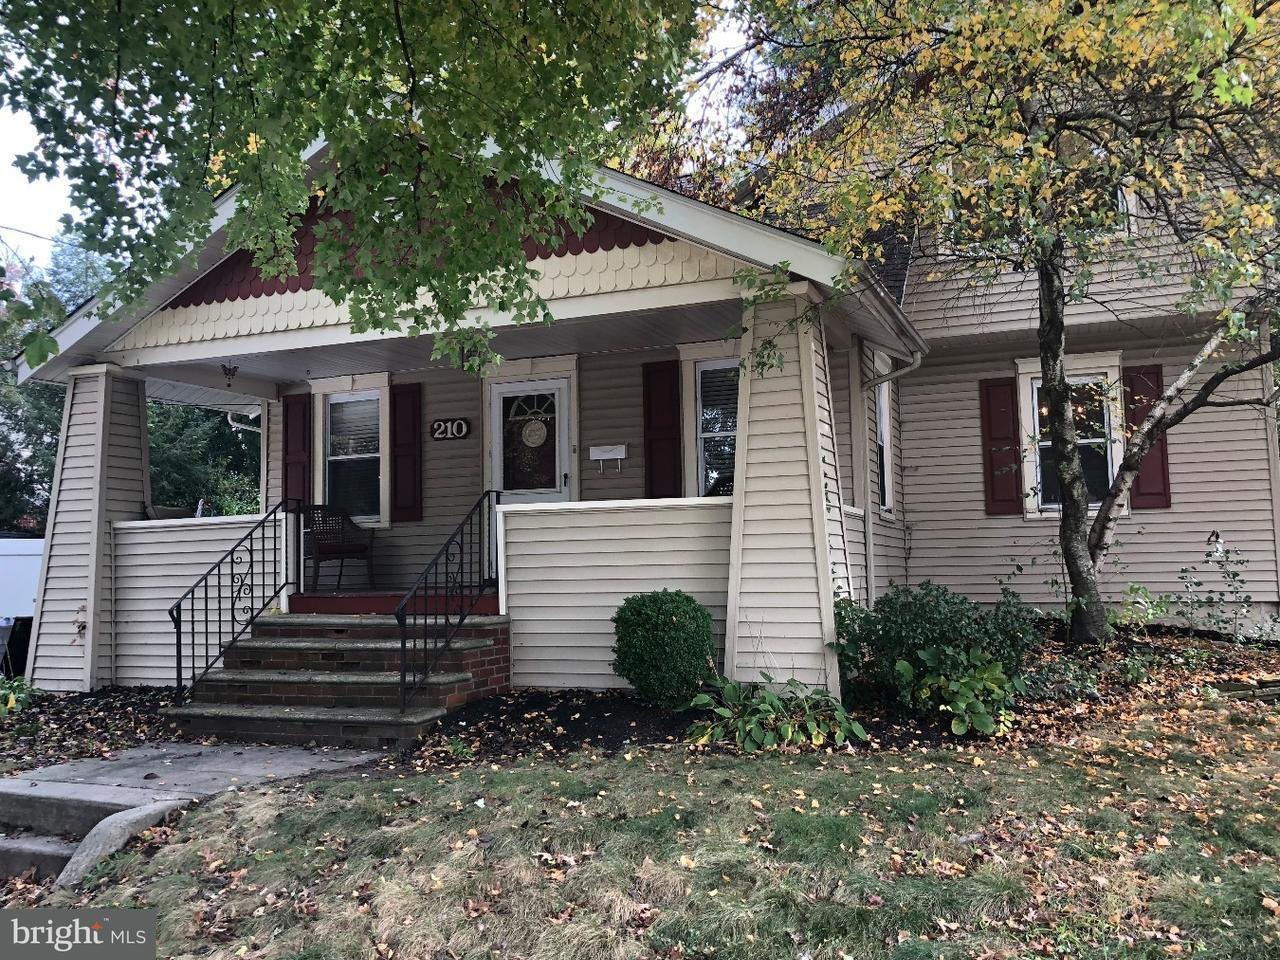 Частный односемейный дом для того Продажа на 210 PRINCETON Road Audubon, Нью-Джерси 08106 Соединенные Штаты